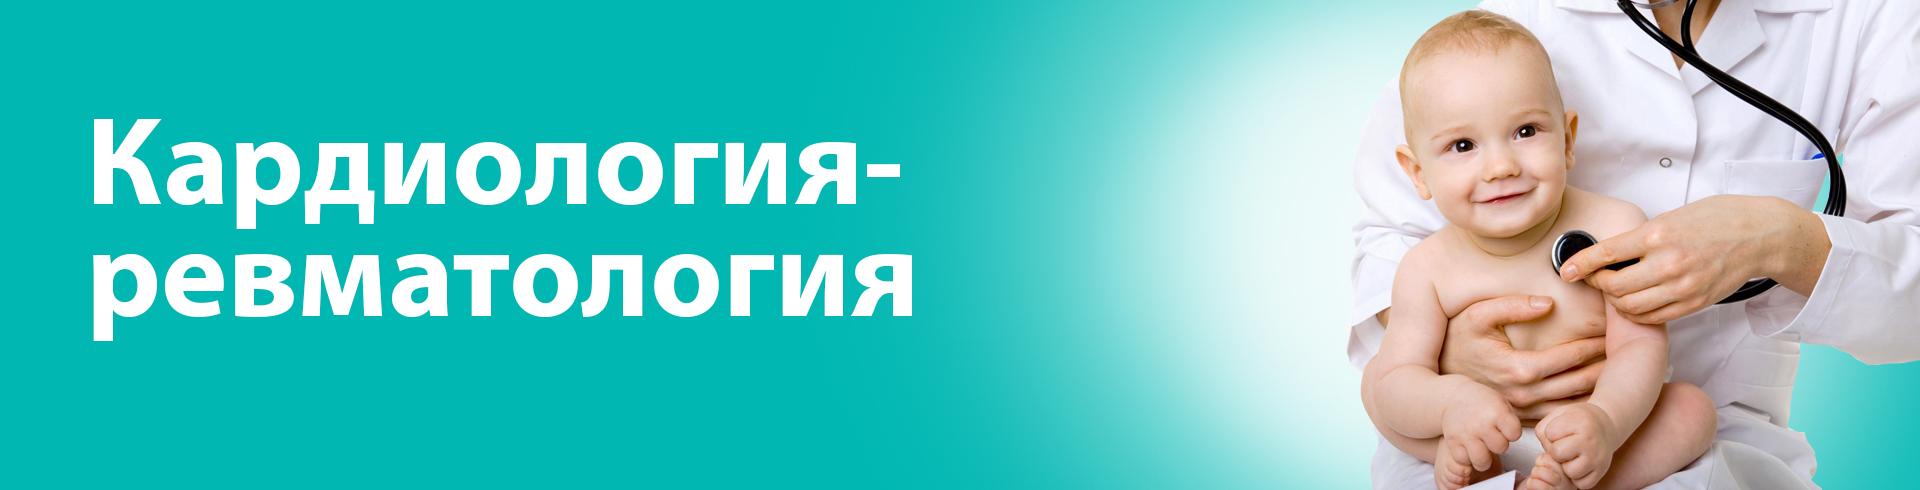 Картинка для страниц сайта